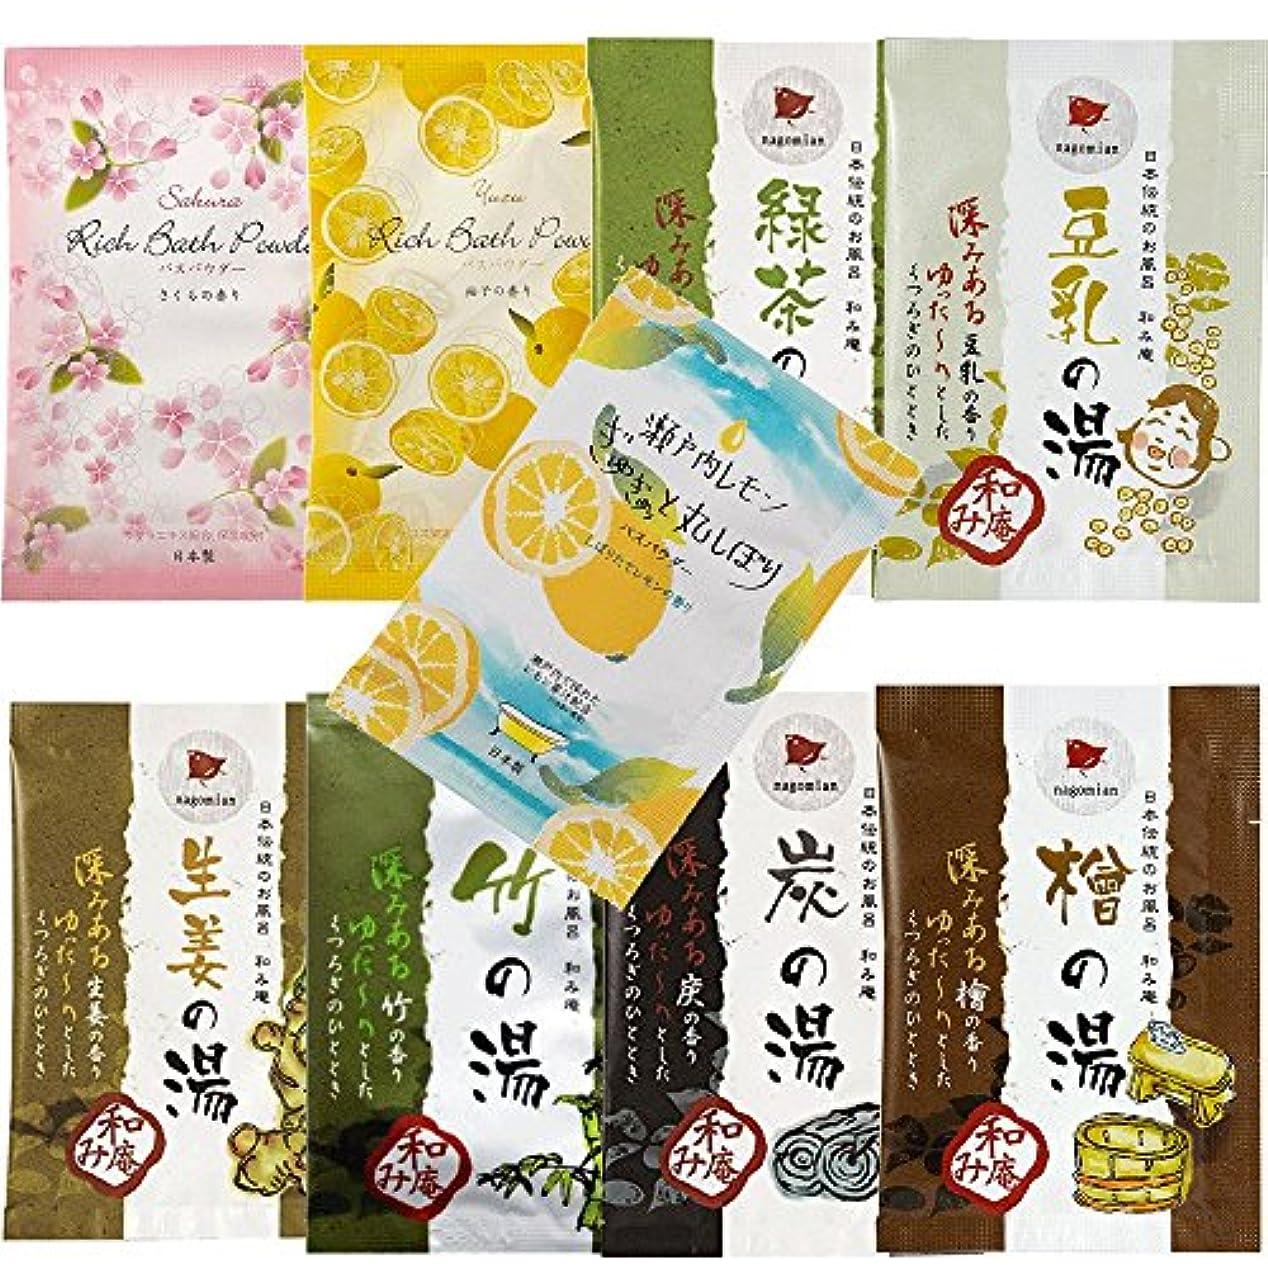 花婿忘れっぽいマスタード日本伝統のお風呂 和み庵 6種類 + バスパウダー 3種類セット 和風入浴剤 9包セット